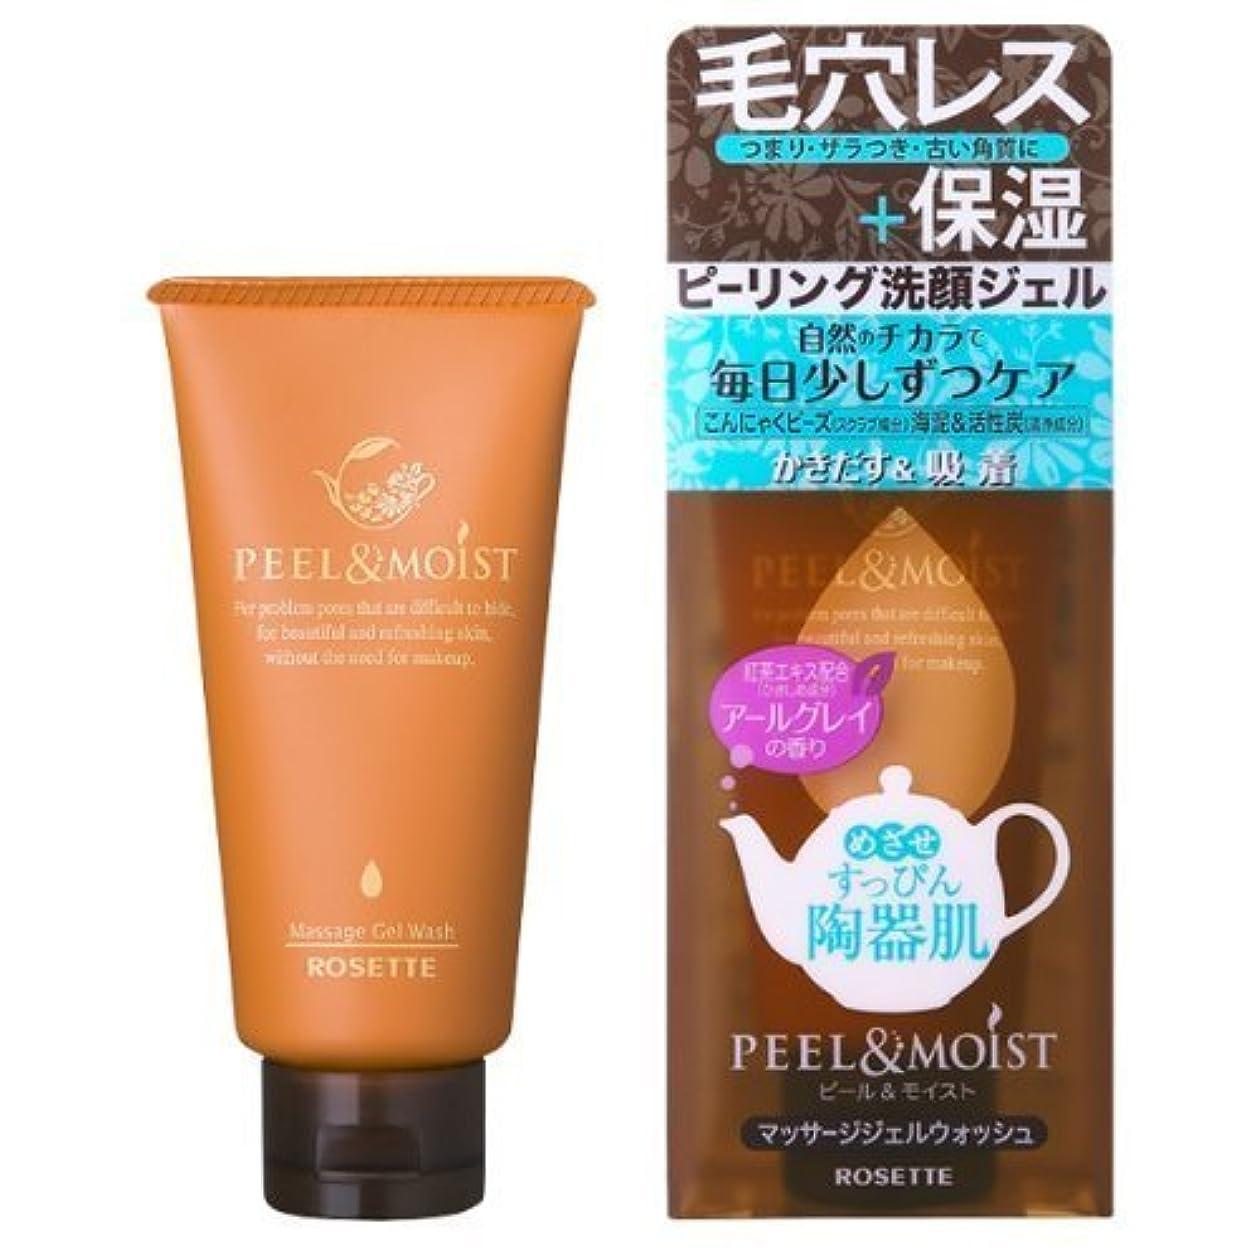 難しい勝利した愛ロゼット R40% スーパーうるおいリフトアップ洗顔フォーム 168g もっちりタイプの植物性洗顔フォーム スズランのやさしい香り×48点セット (4901696532591)